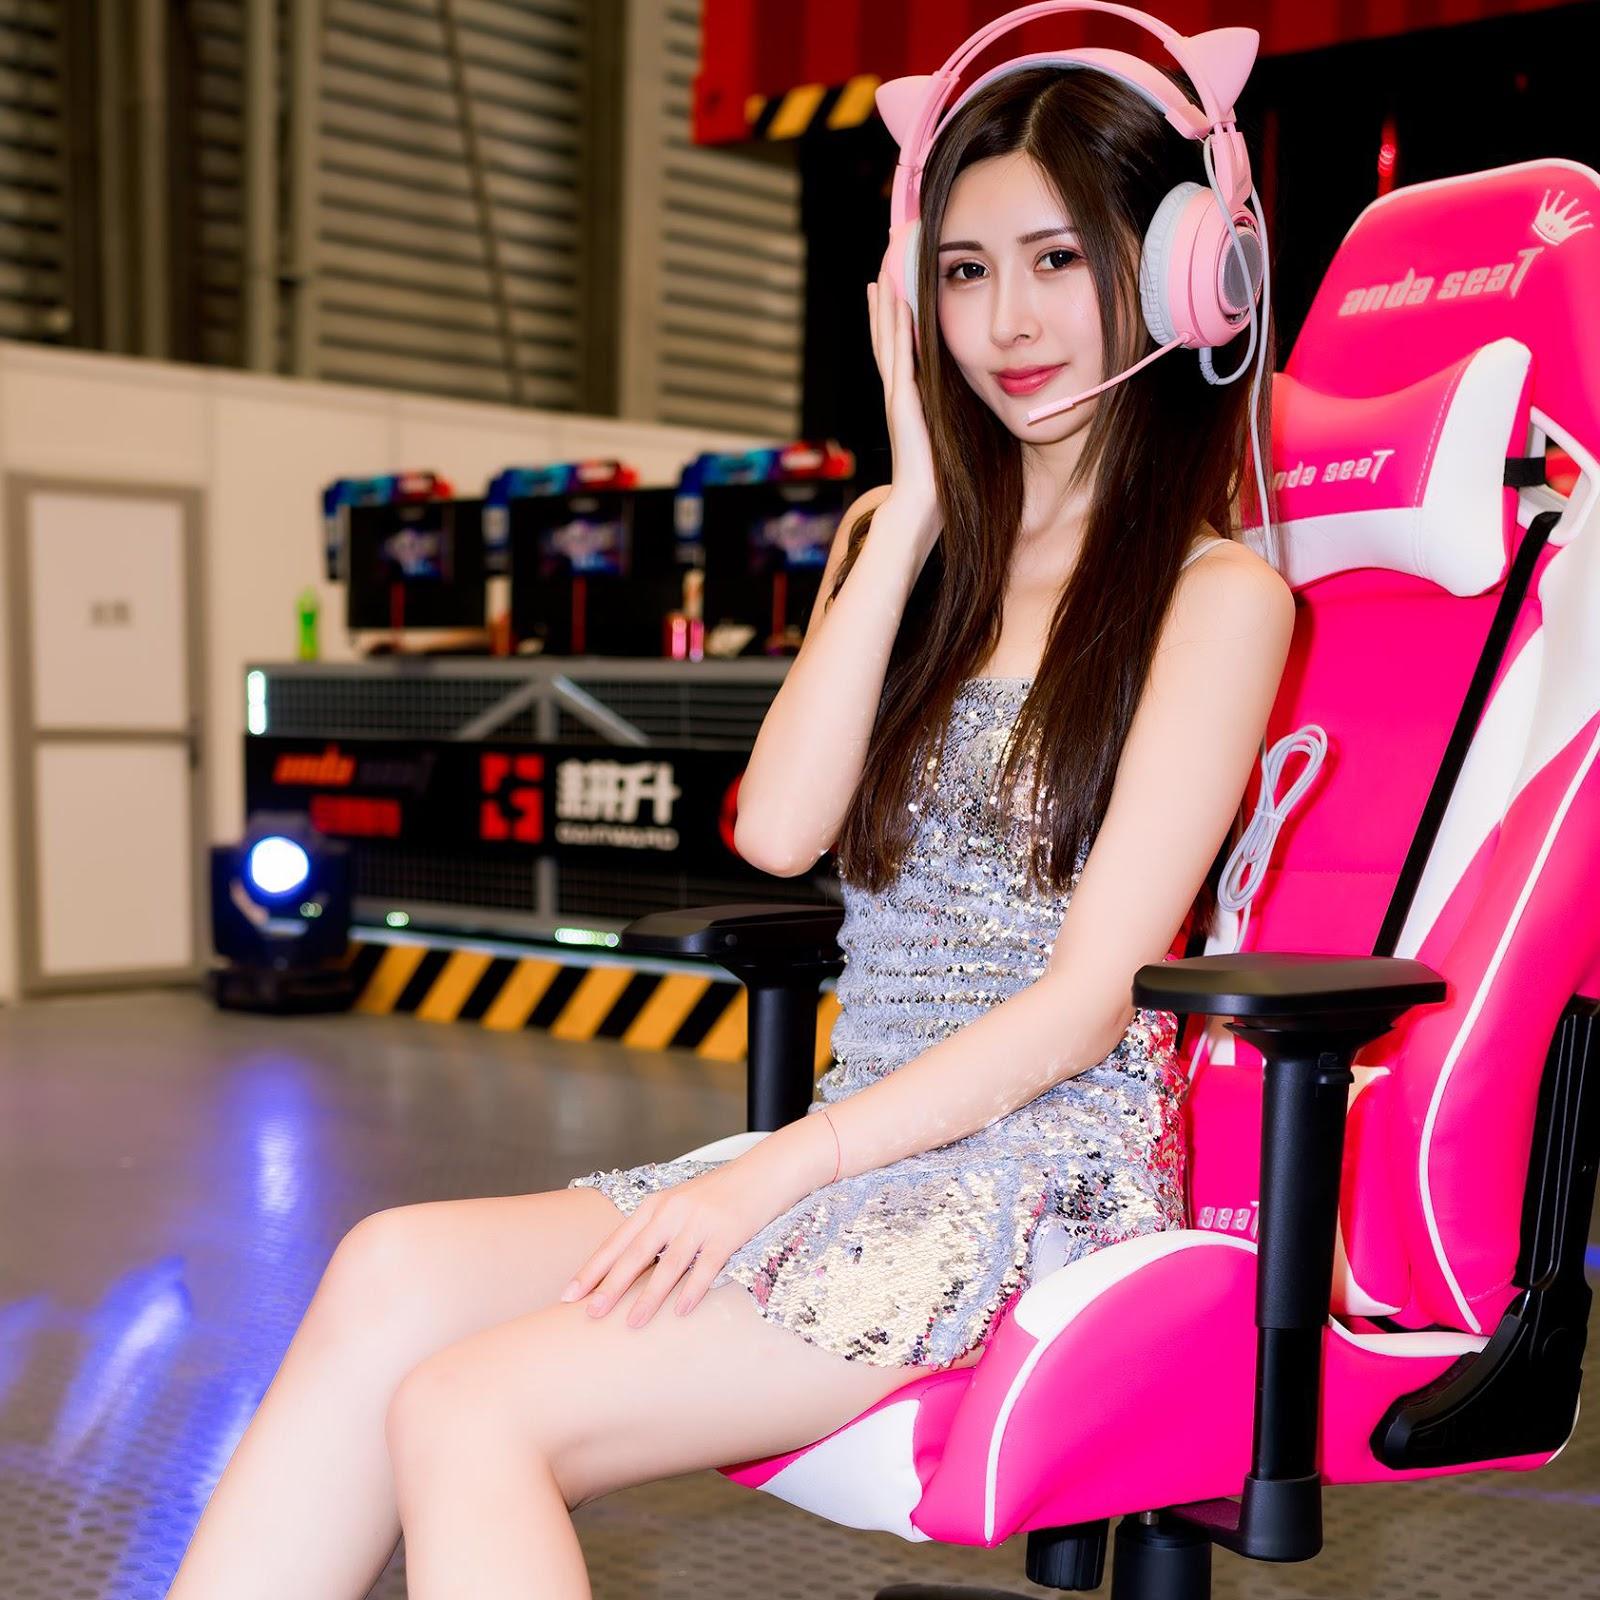 Nữ game thủ xinh nhất mà tui từng thấy